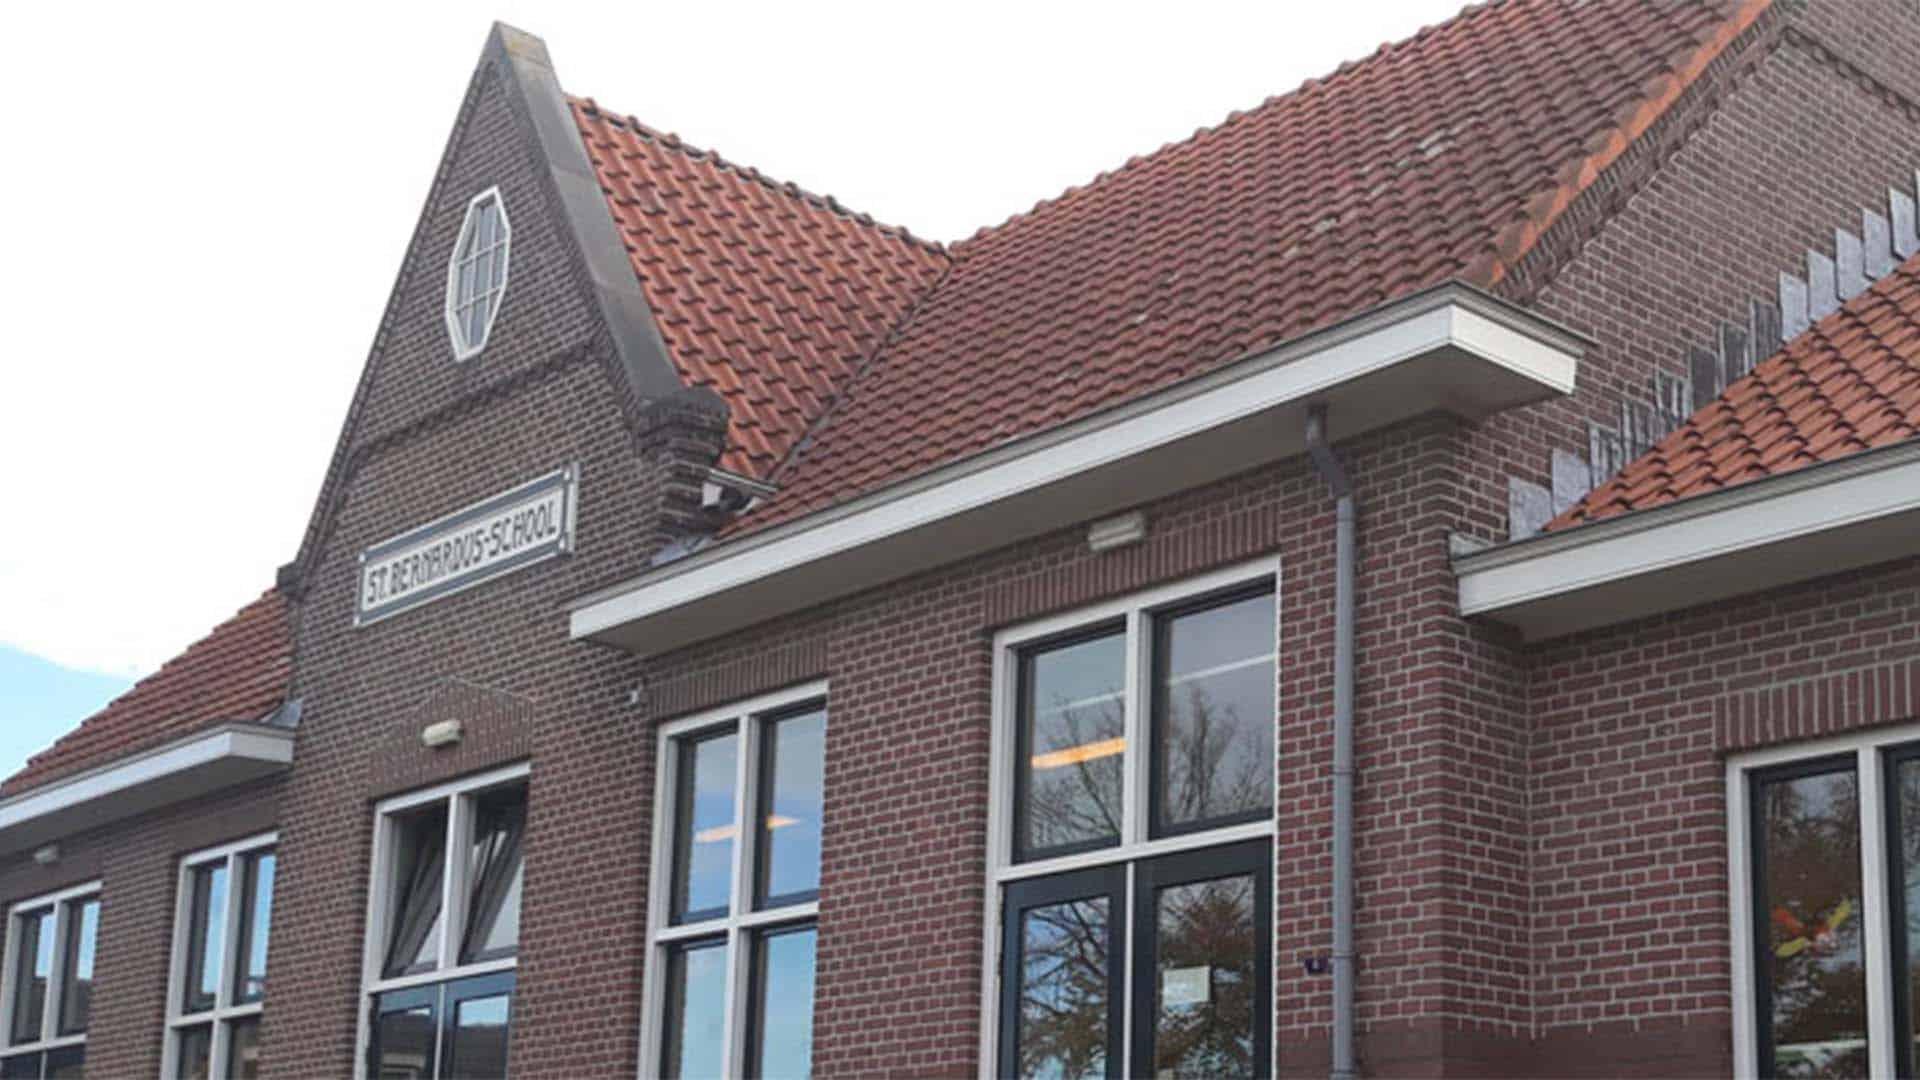 bernardusschool-1